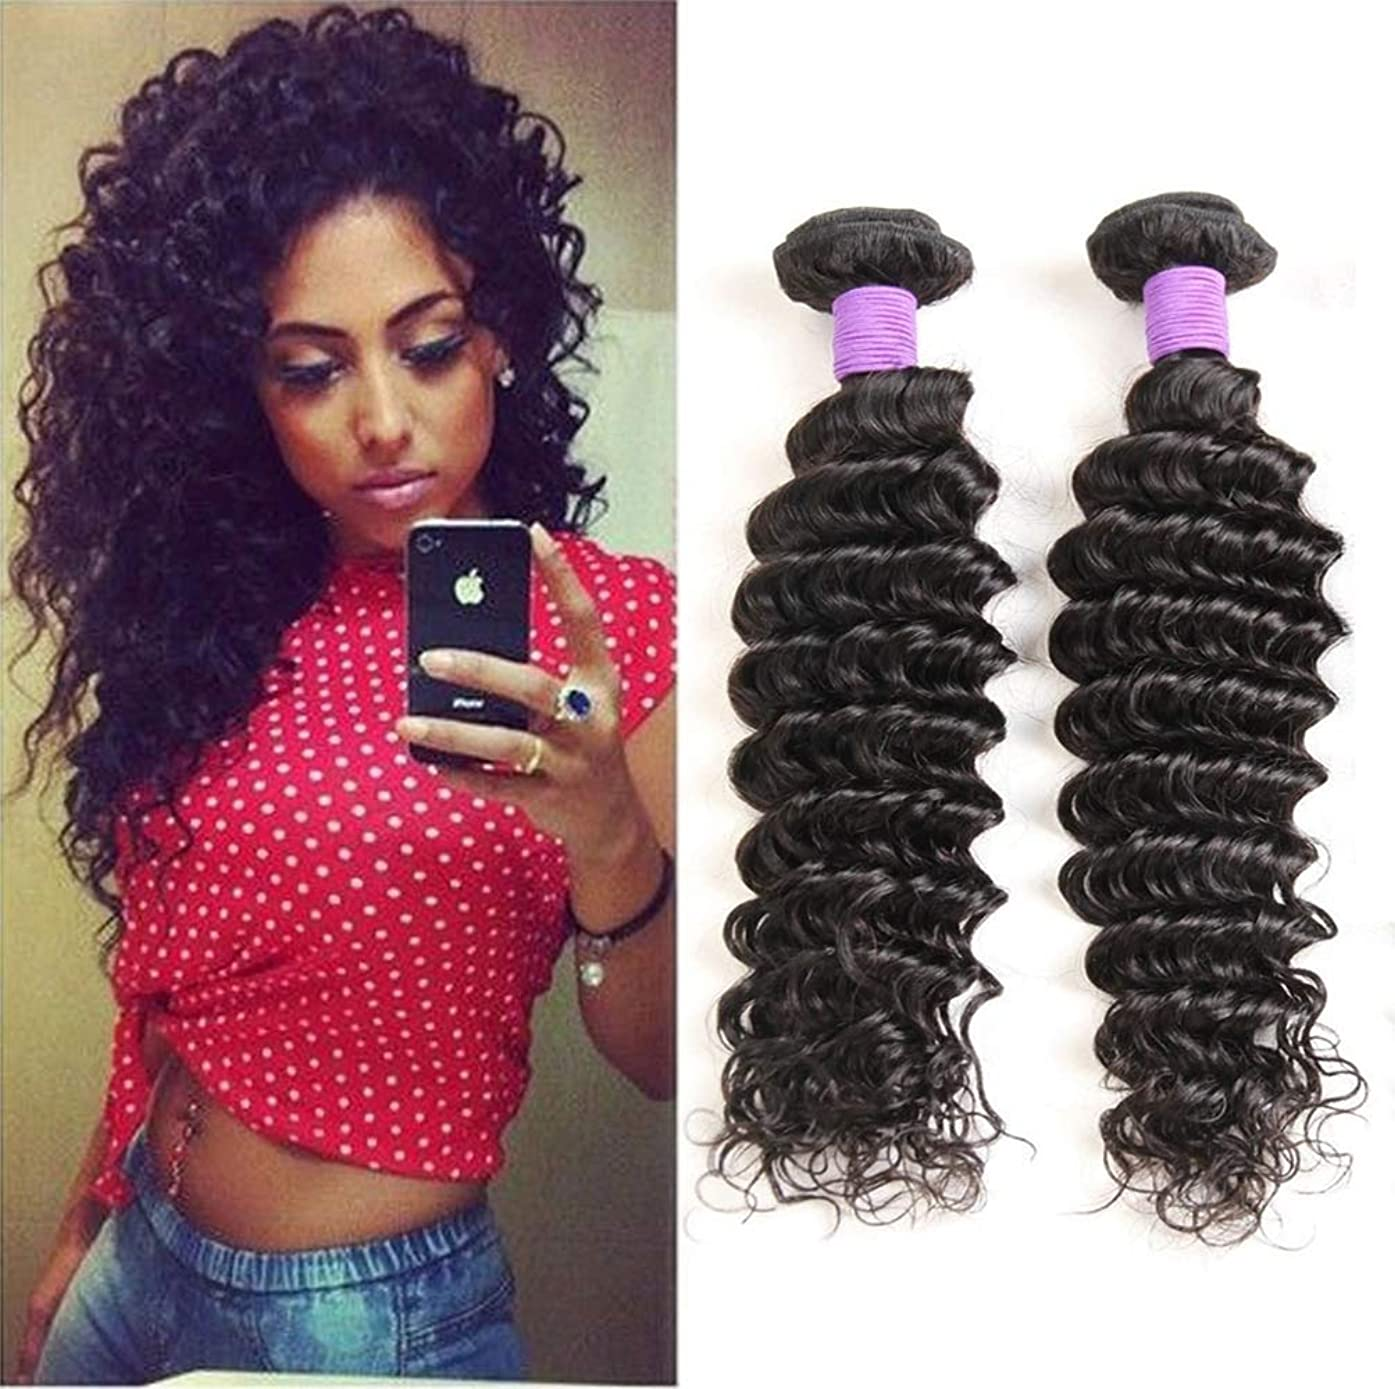 インタラクション豪華なスキニー髪の毛を編む9Aブラジルの水の波1閉鎖と未処理のバージンの人間の髪の毛の束閉鎖部分と染めて漂白することができます